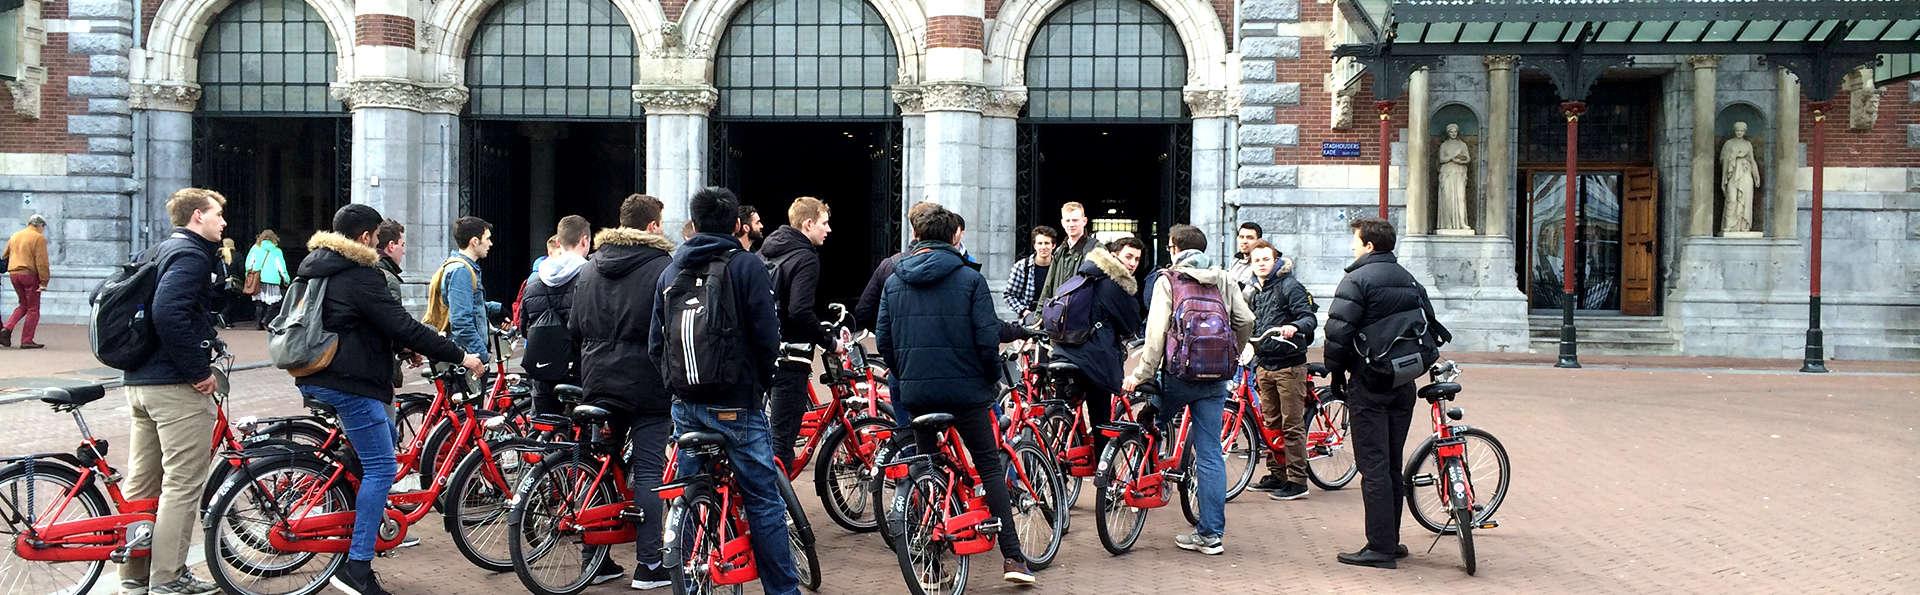 Descubre Ámsterdam en bicicleta con un guía local